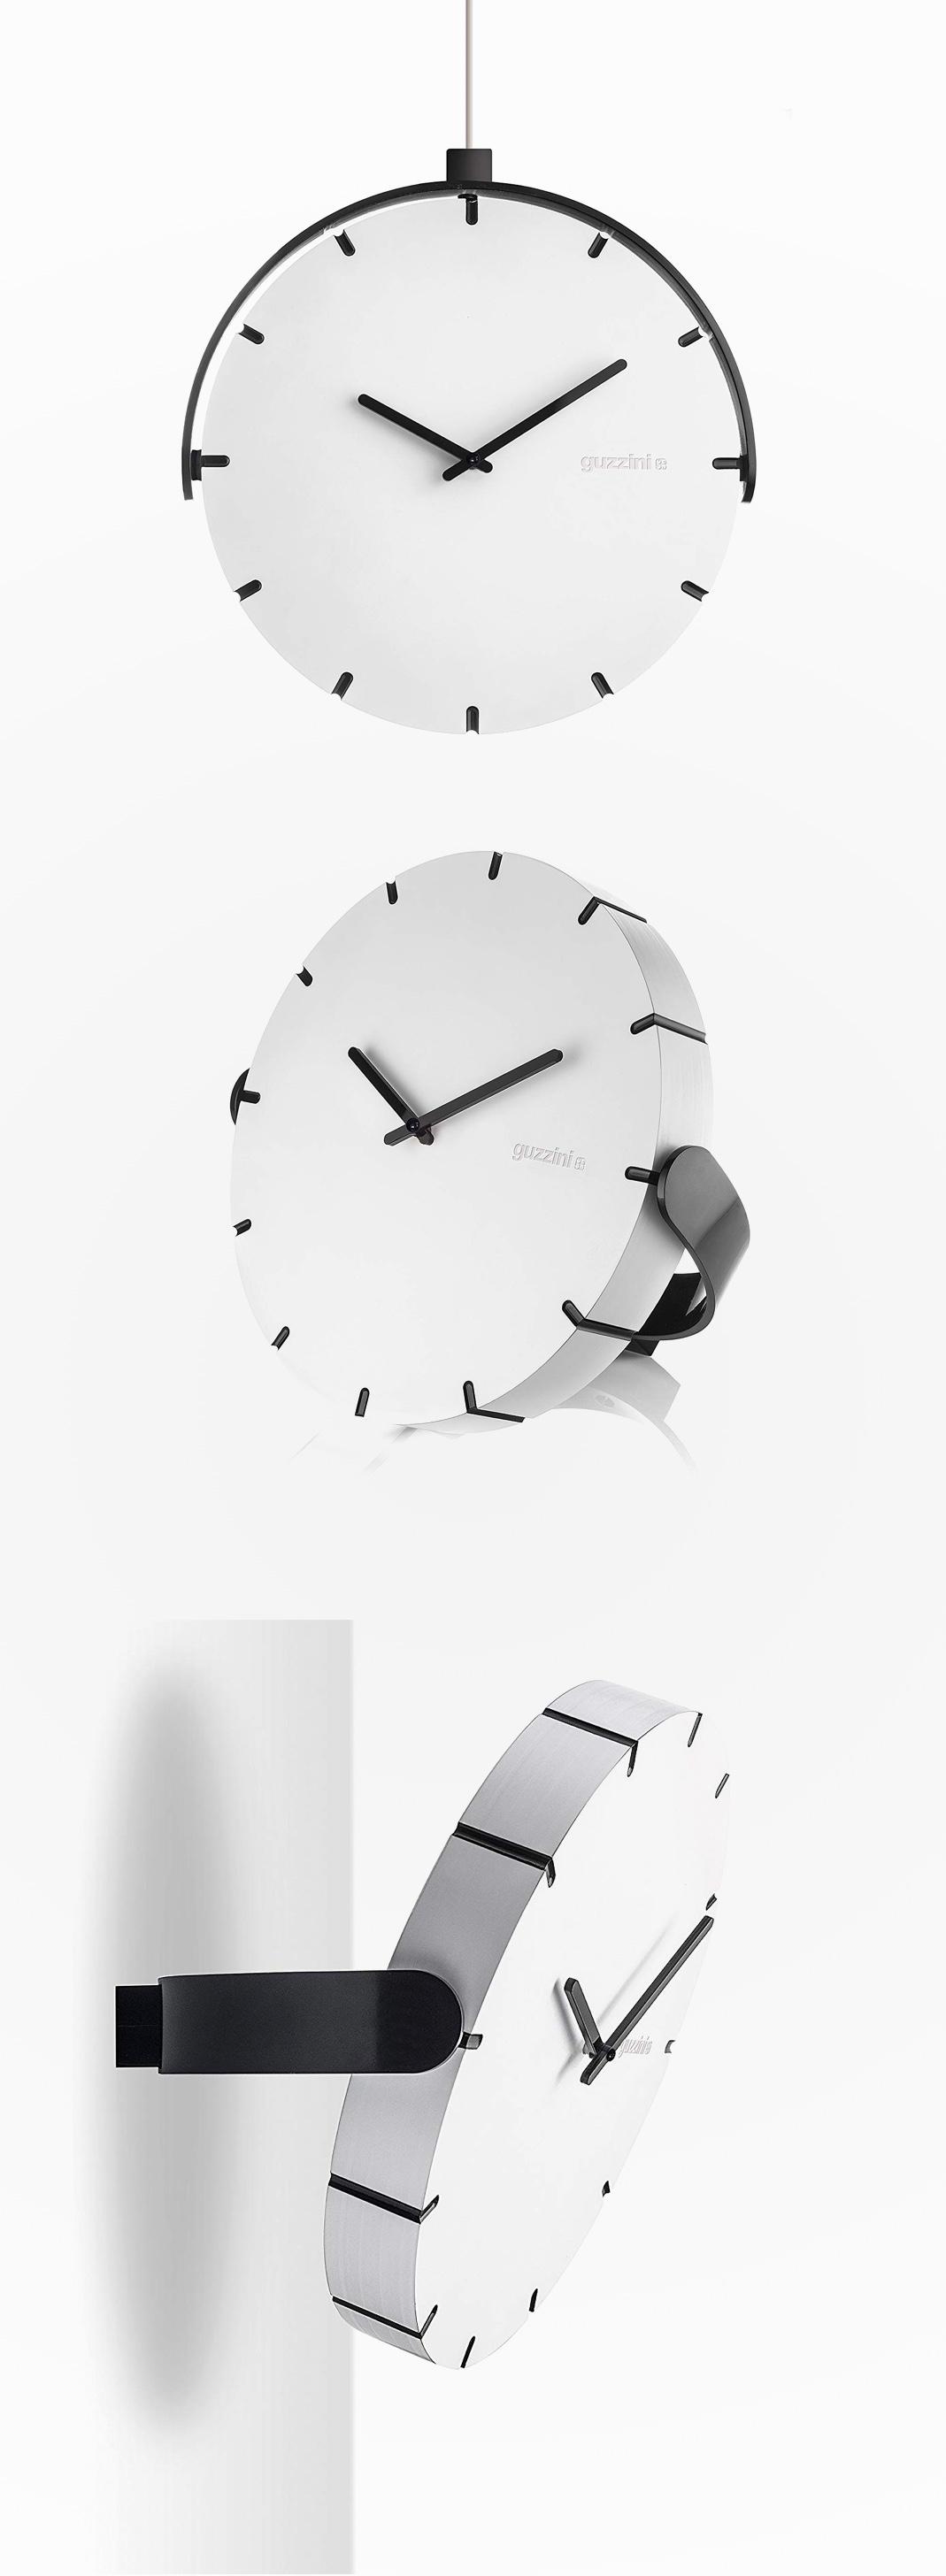 White-And-Black-Adjustable-Minimalist-Mid-Century-Modern-Clock